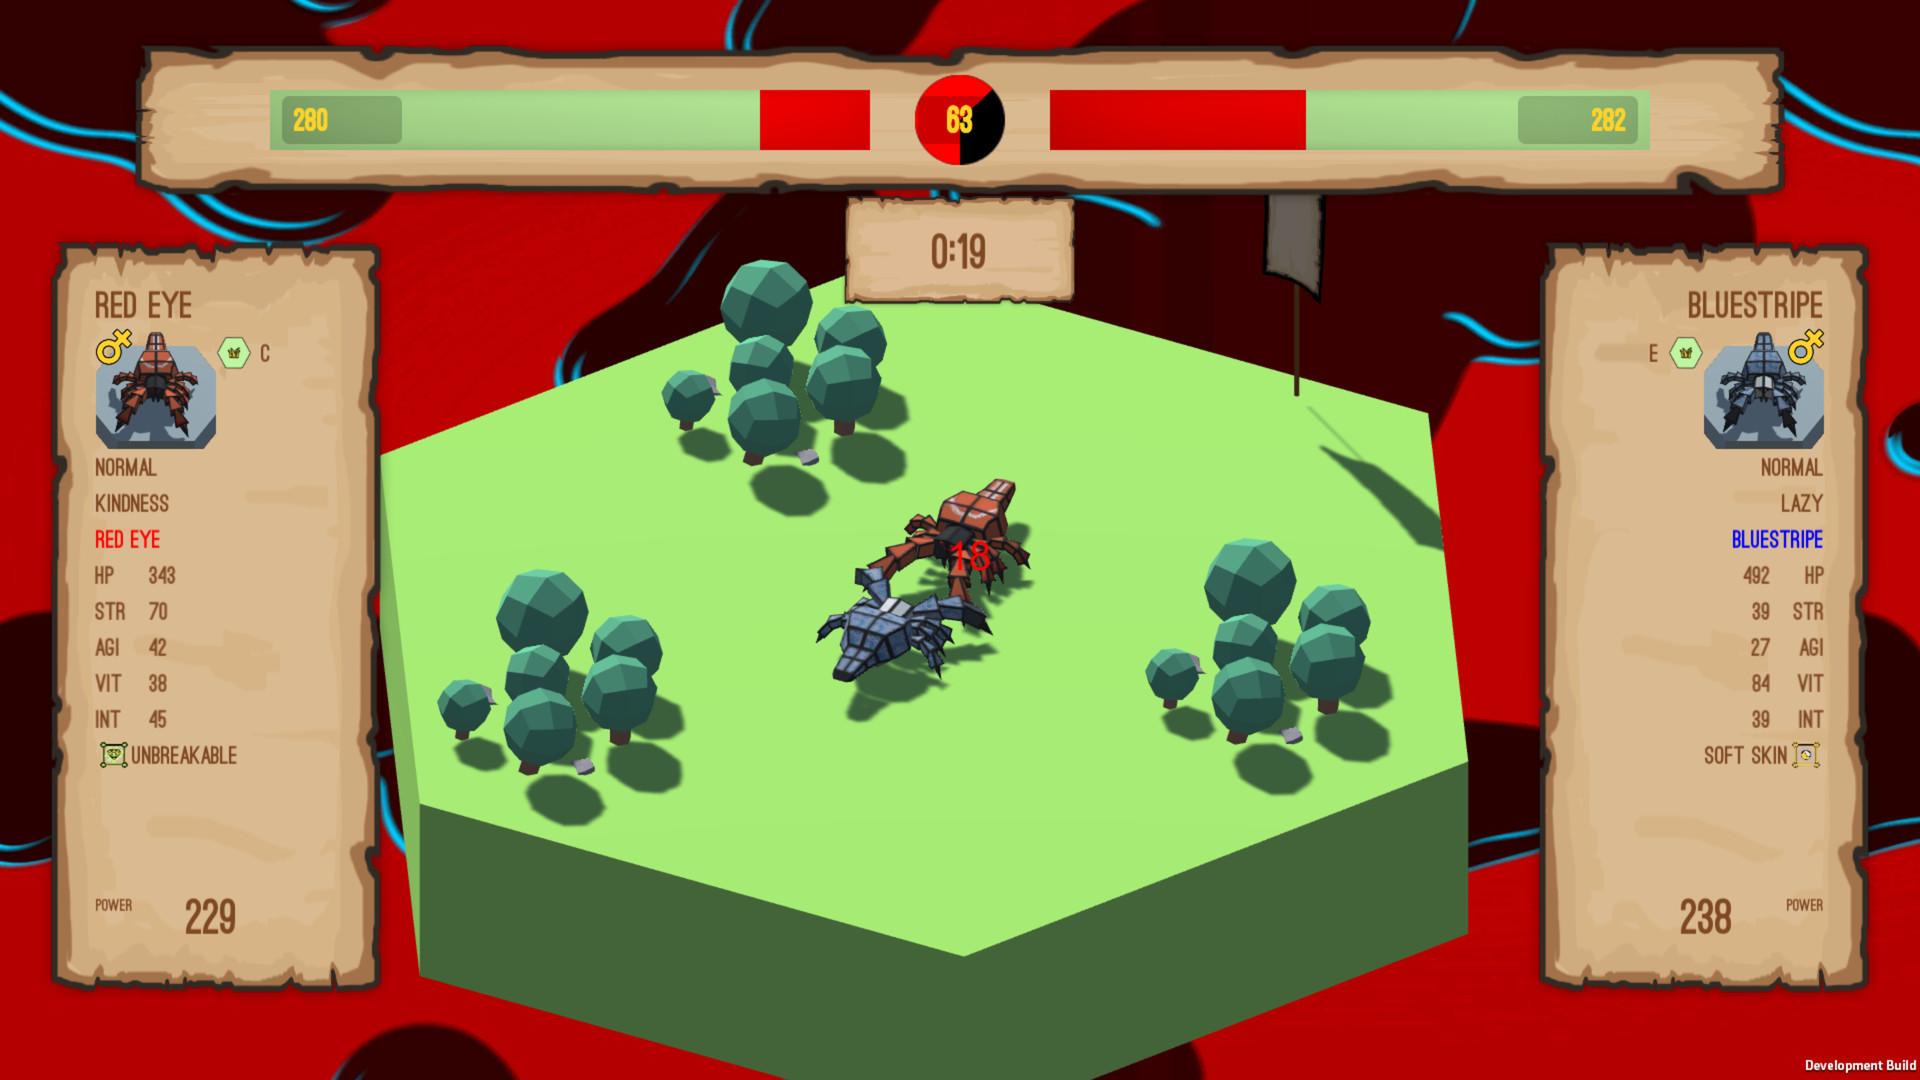 打豹虎 Spider Derby Free Download